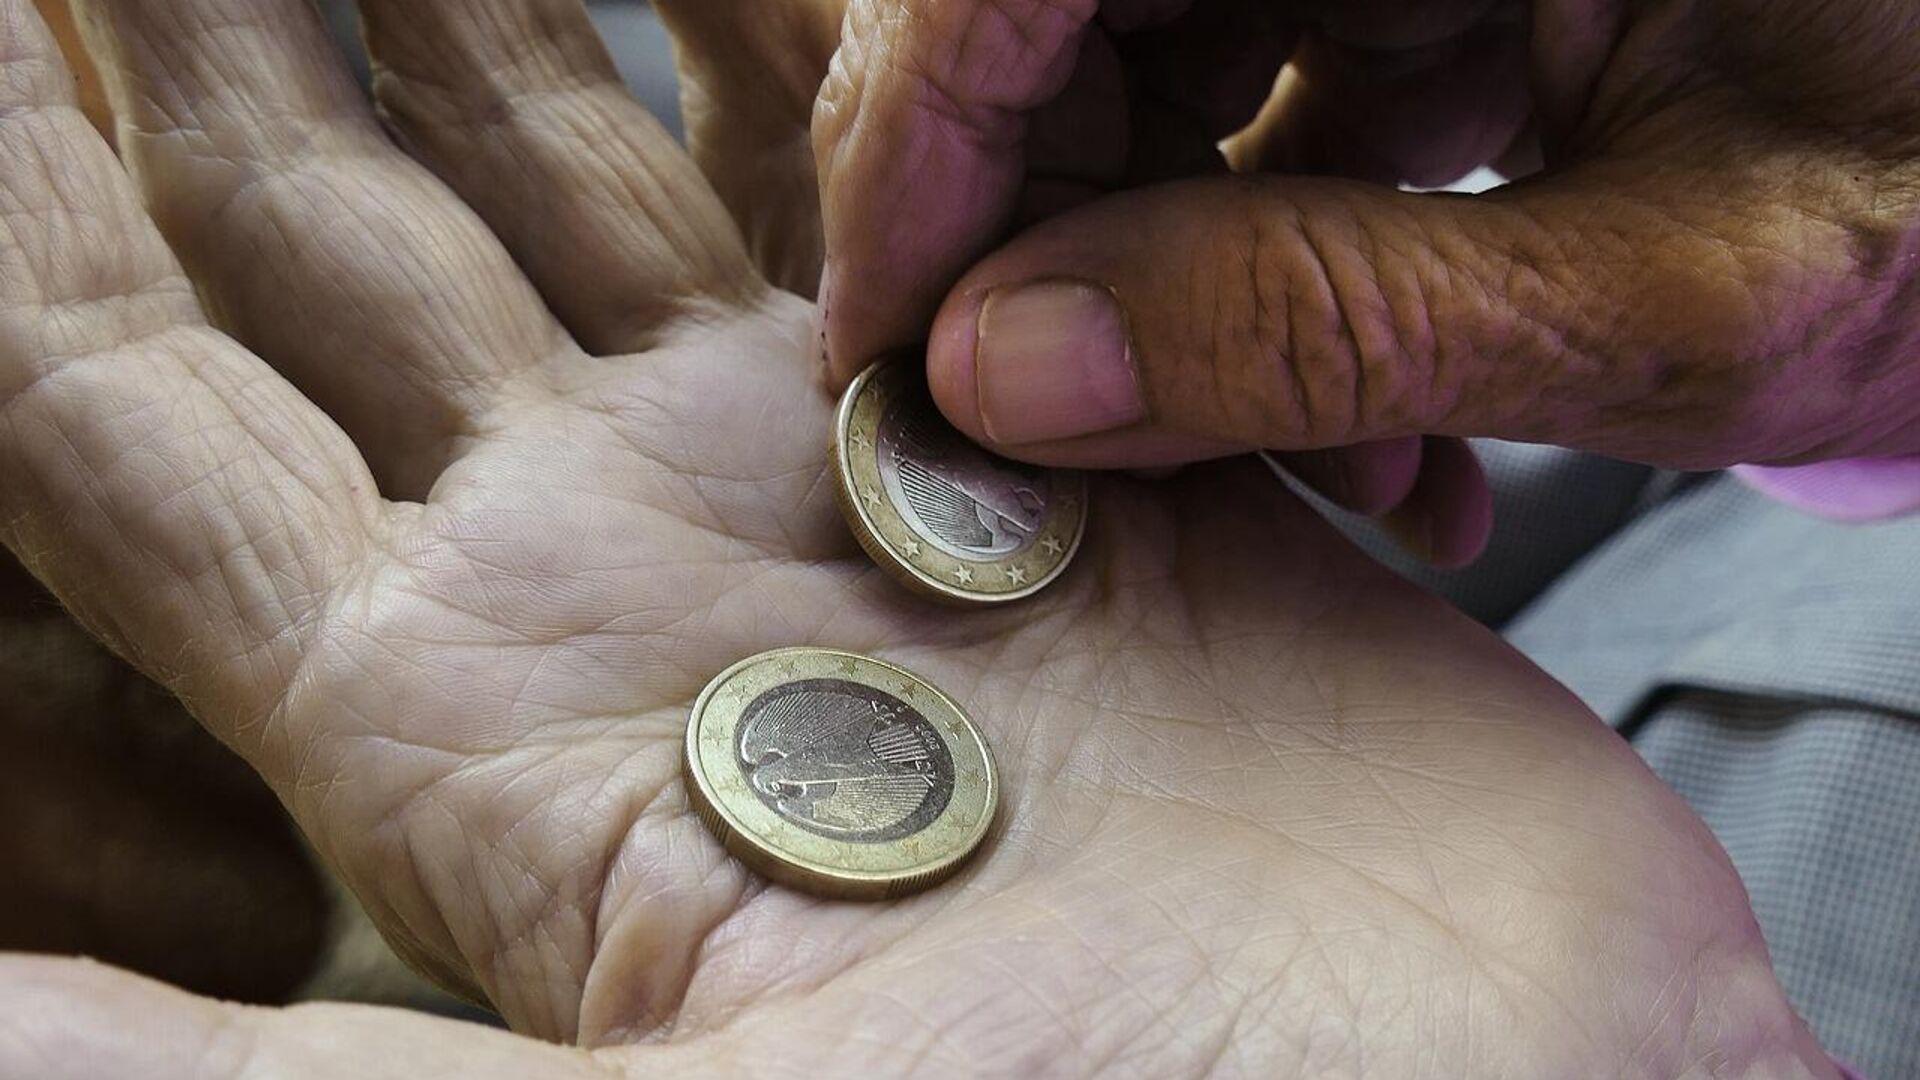 Пенсионер считает деньги - Sputnik Латвия, 1920, 29.09.2021